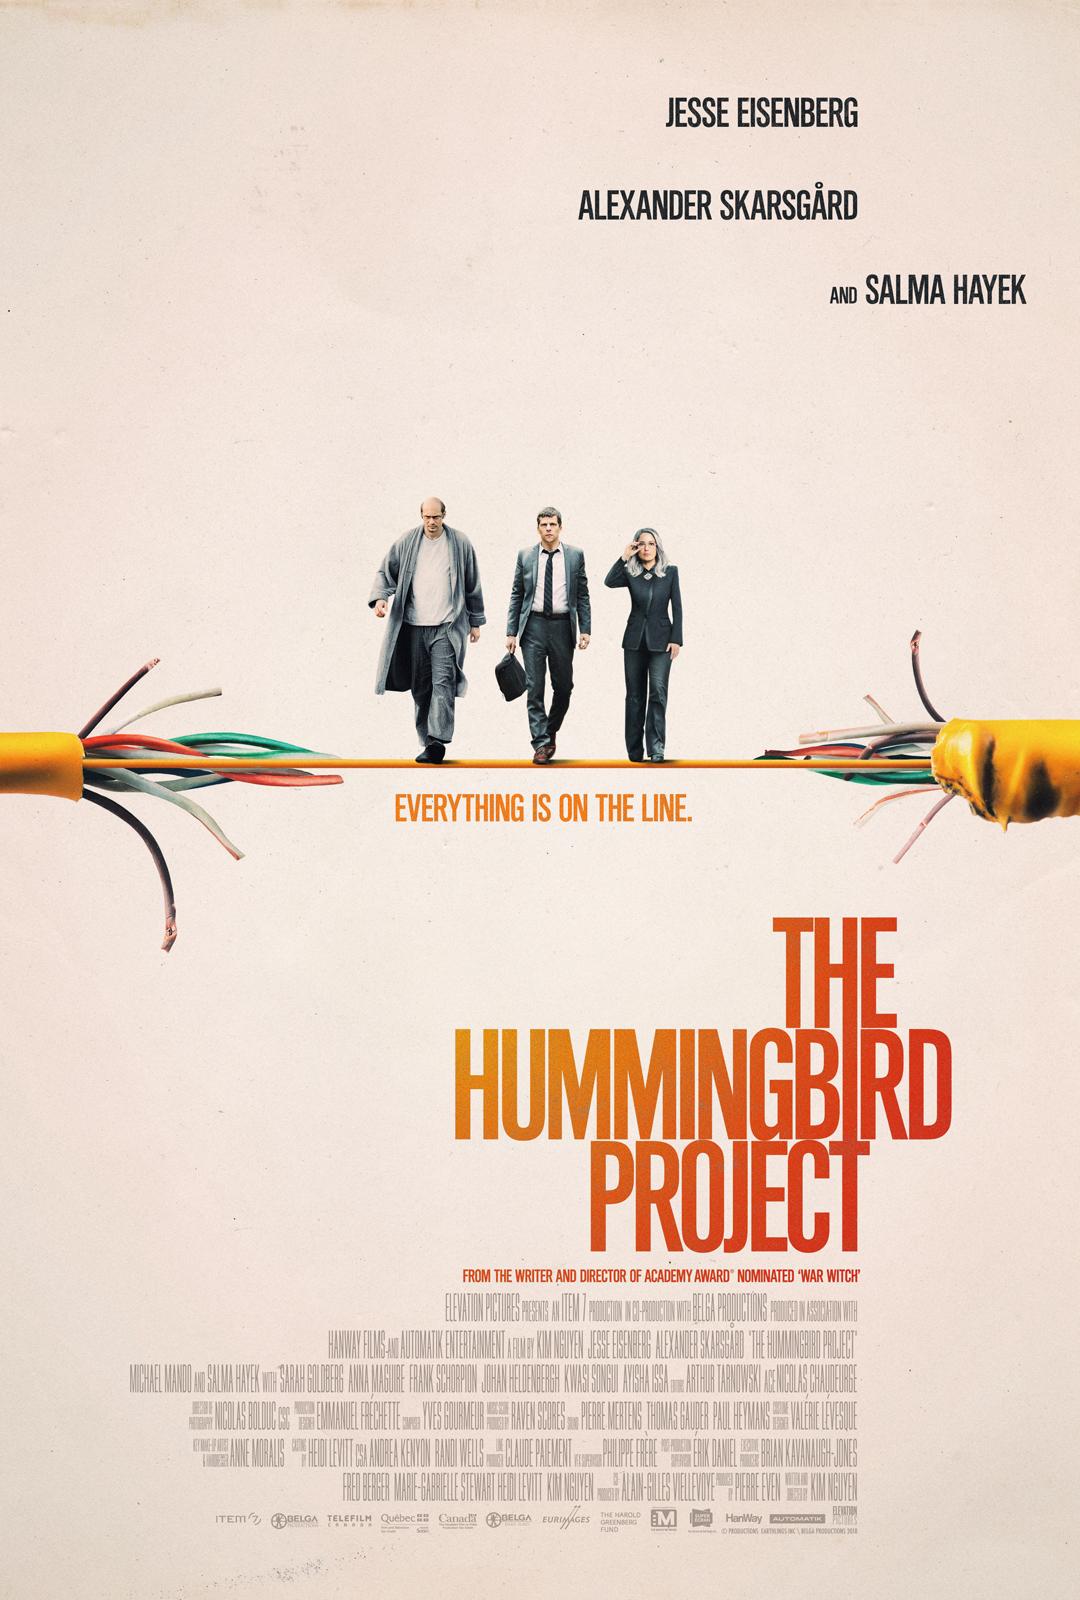 EP_HummingbirdProject_Final_Cineplex_1080x1600